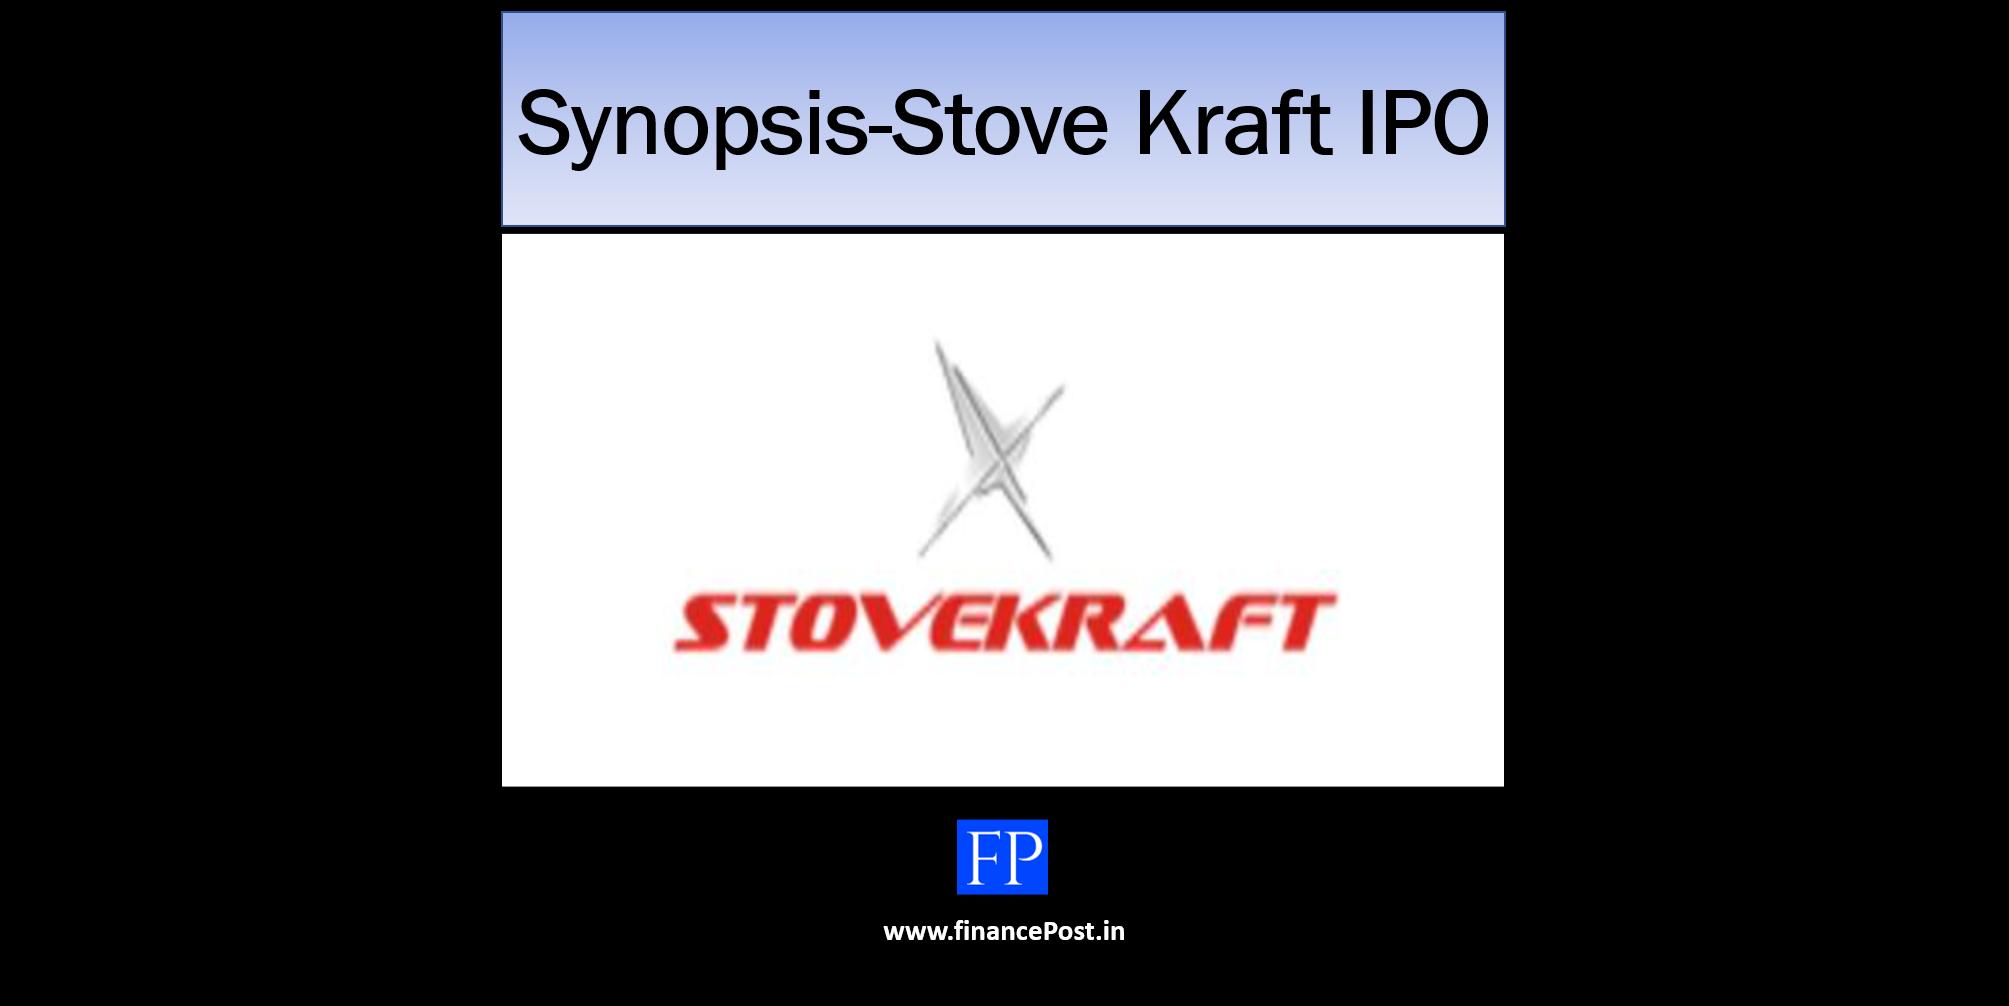 Synopsis-Stove Kraft IPO